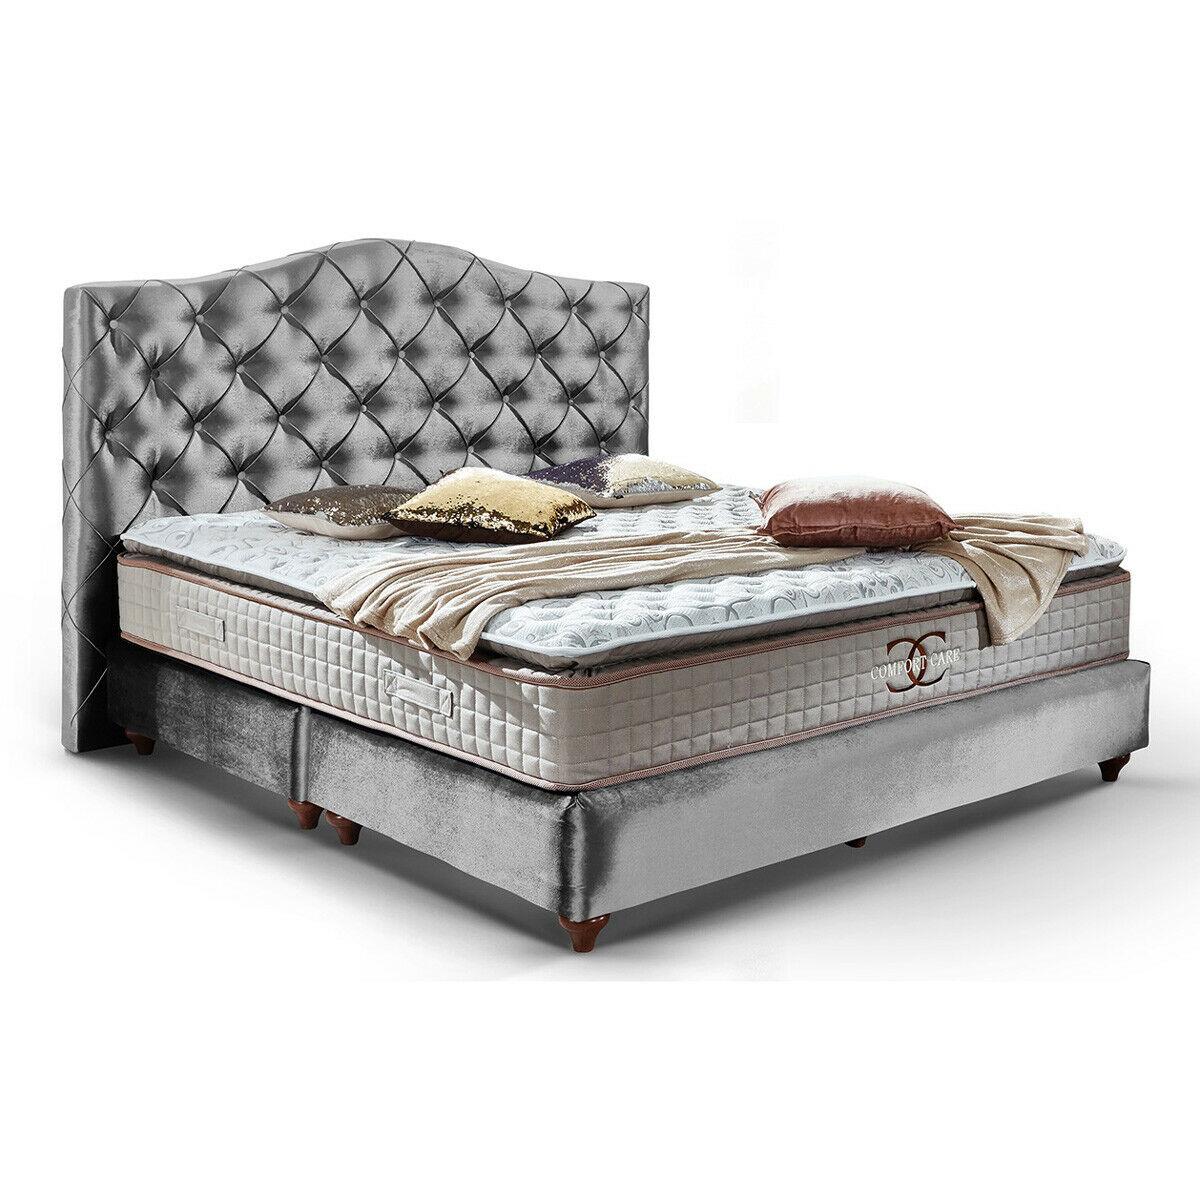 Full Size of Boxspringbett Beige Samt Tolle Betten In Vielen Farben Und Modellen Online Kaufen Schlafzimmer Set Mit Sofa Wohnzimmer Boxspringbett Beige Samt